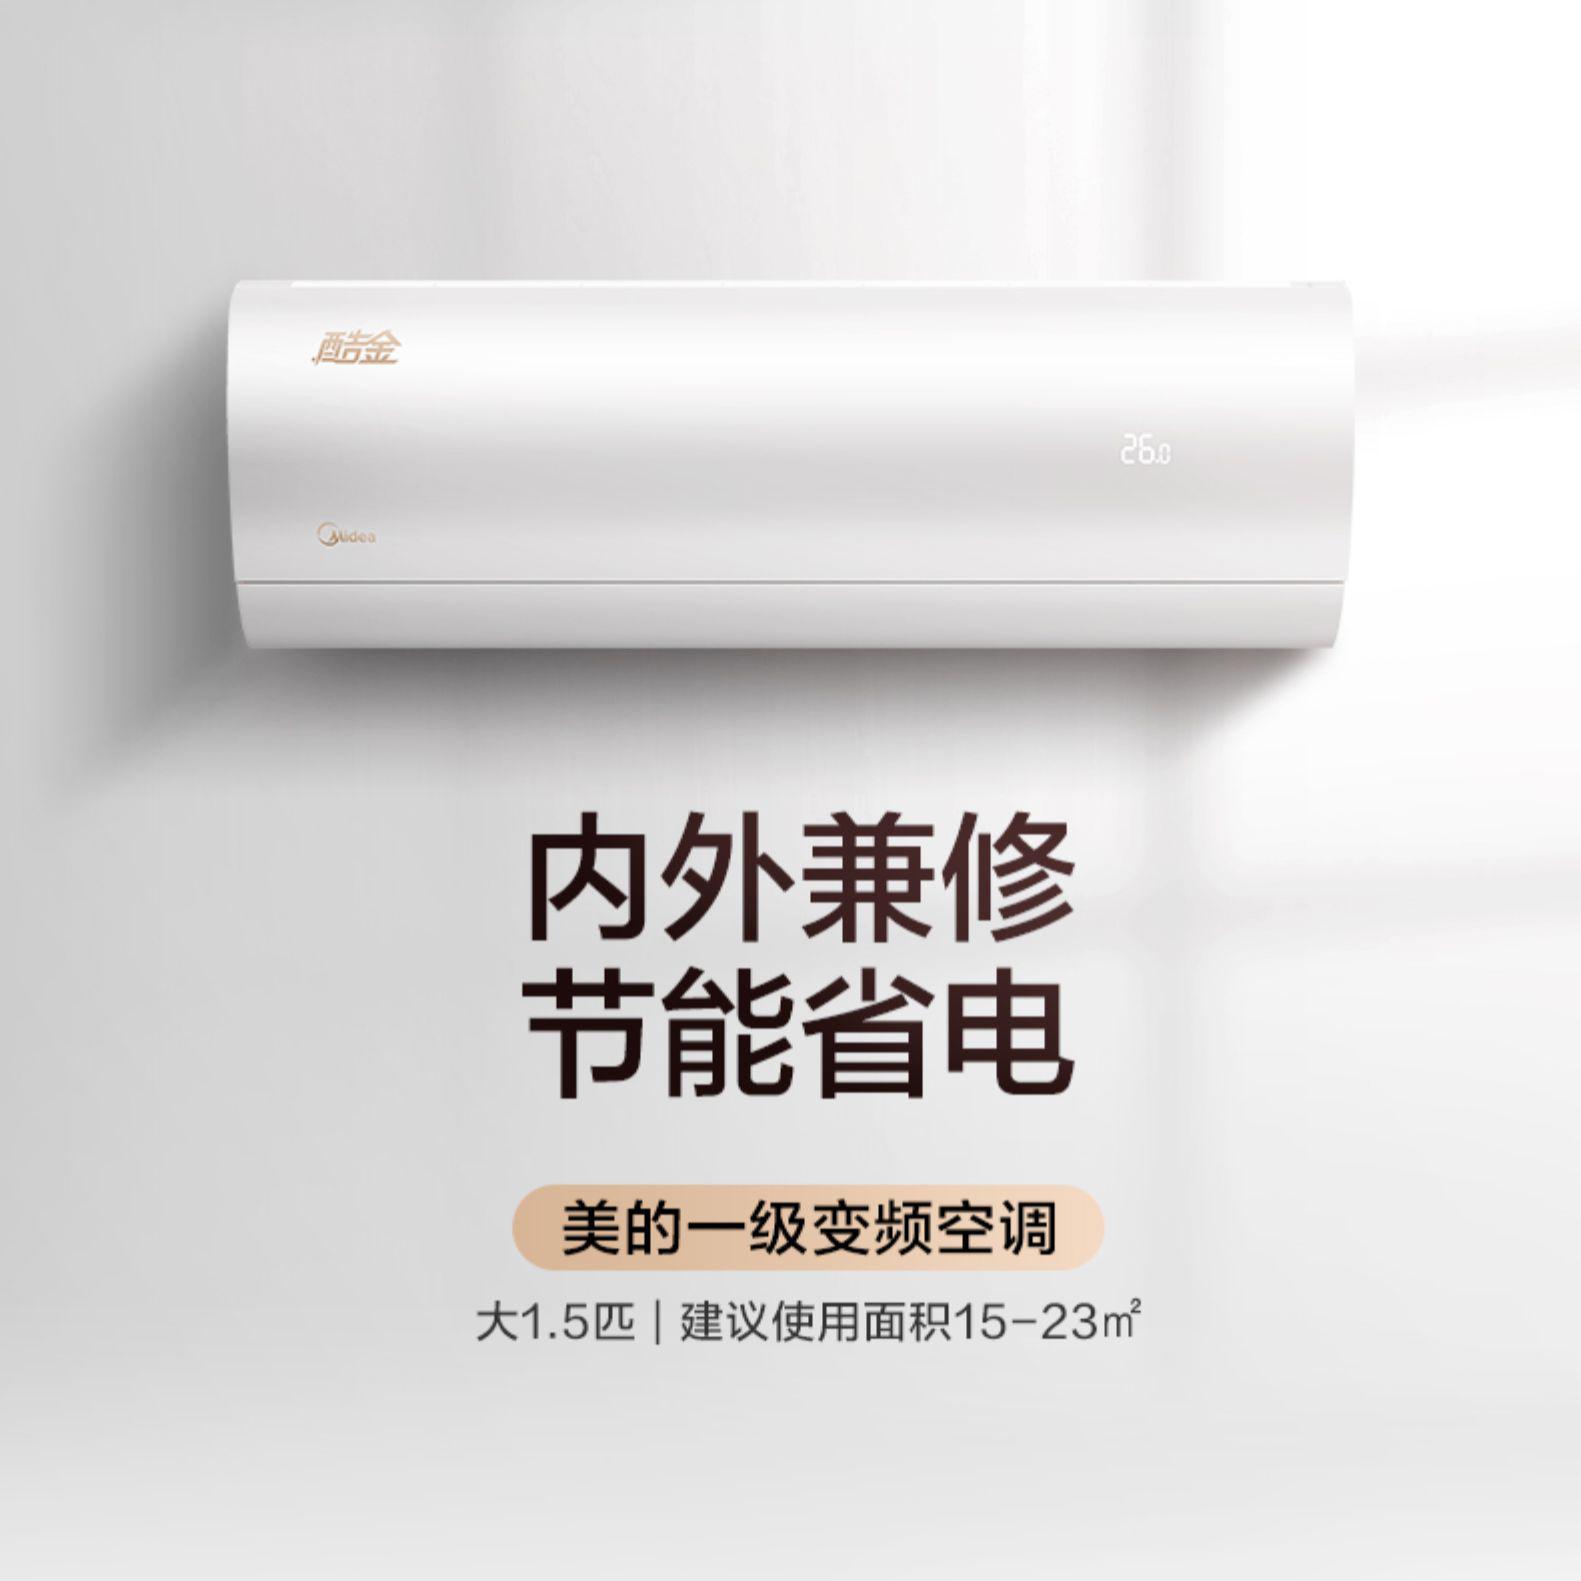 匹单冷壁挂分体一级节能 1 匹冷暖小 1.5 匹大 1 空调挂机变迫楔速 美